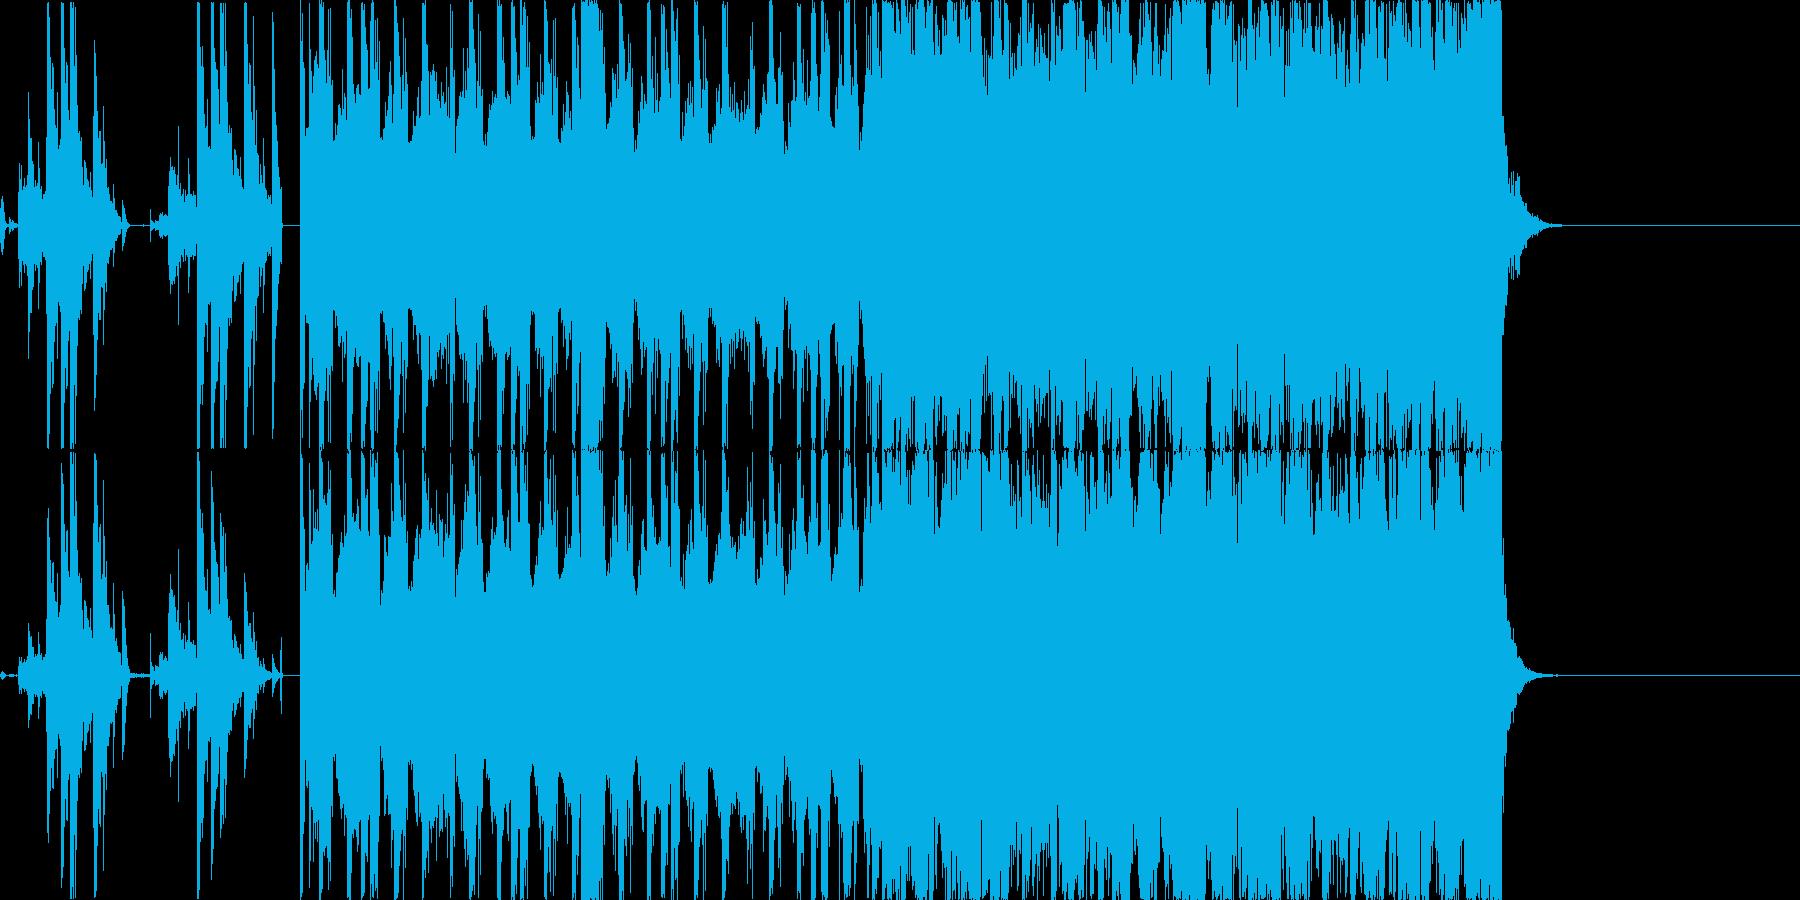 【オープニング等】クールなドラムンベースの再生済みの波形